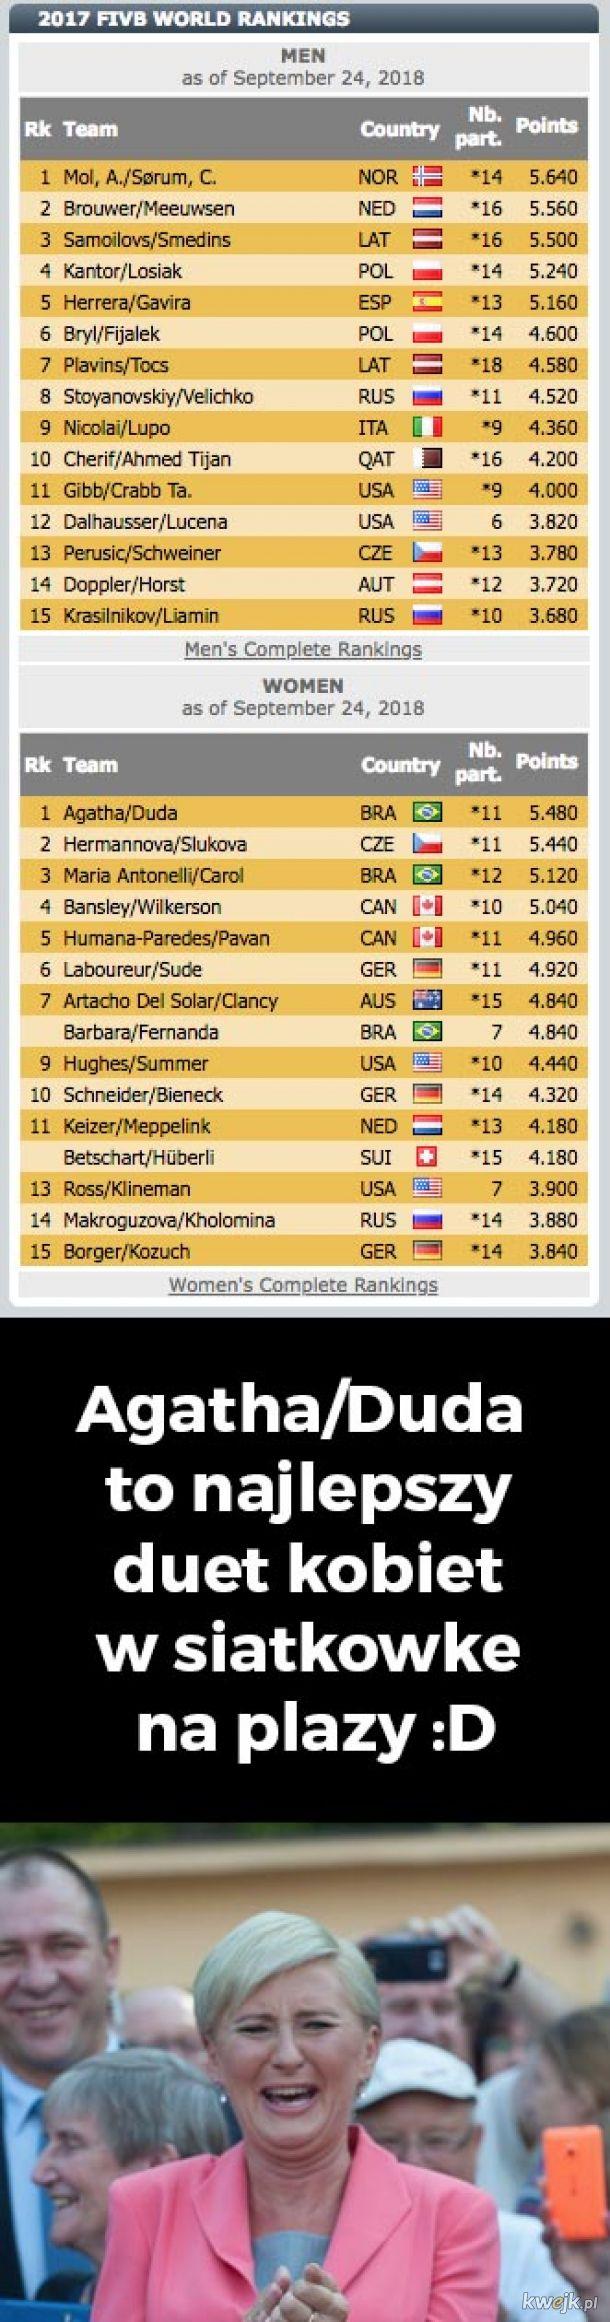 Agatha/Duda